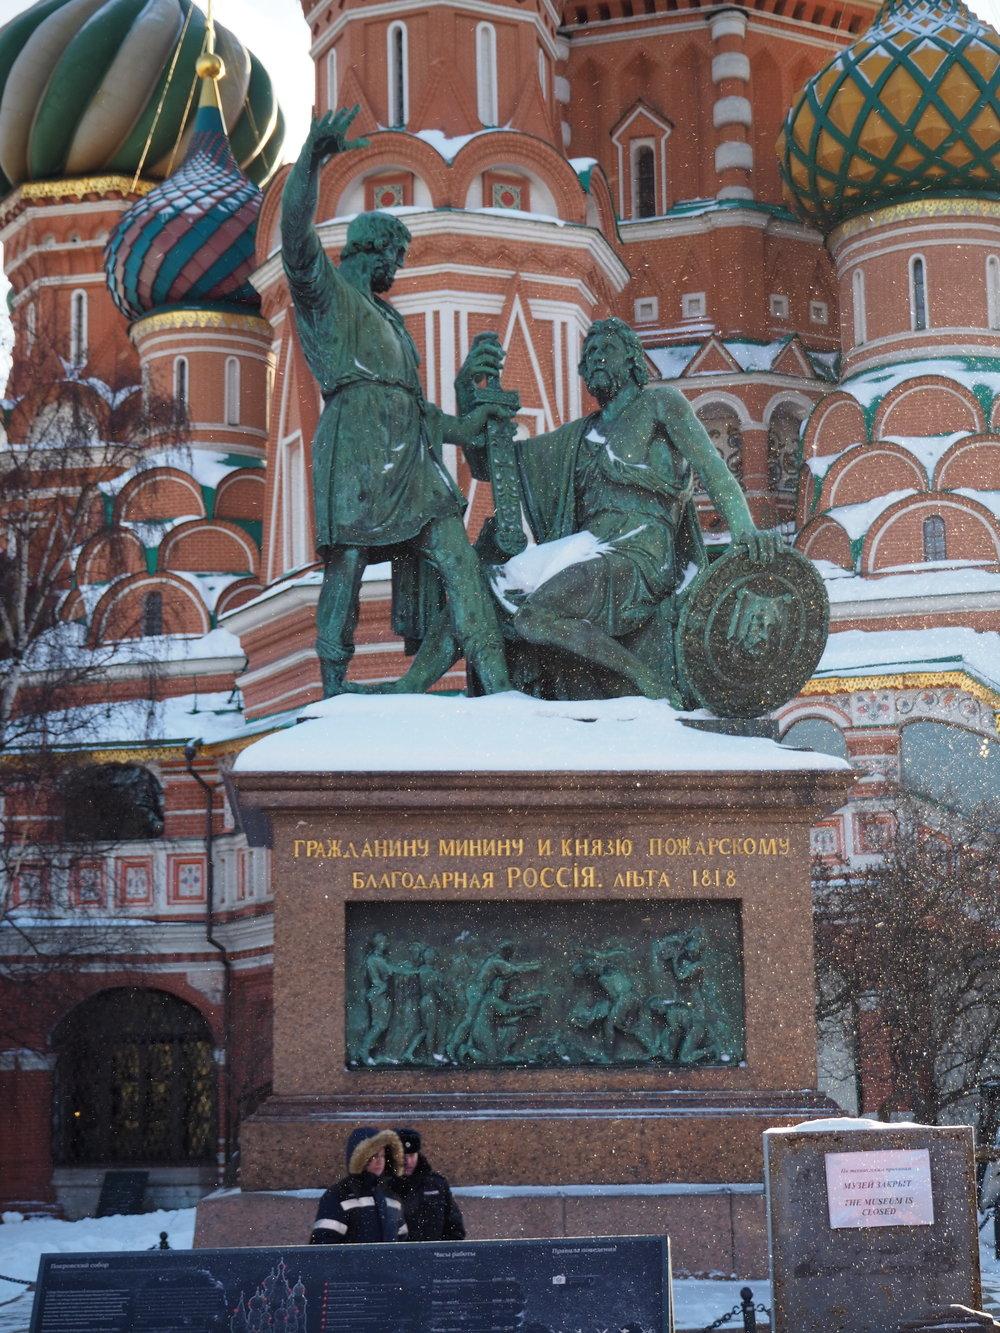 Moskva 2019 (38).JPG